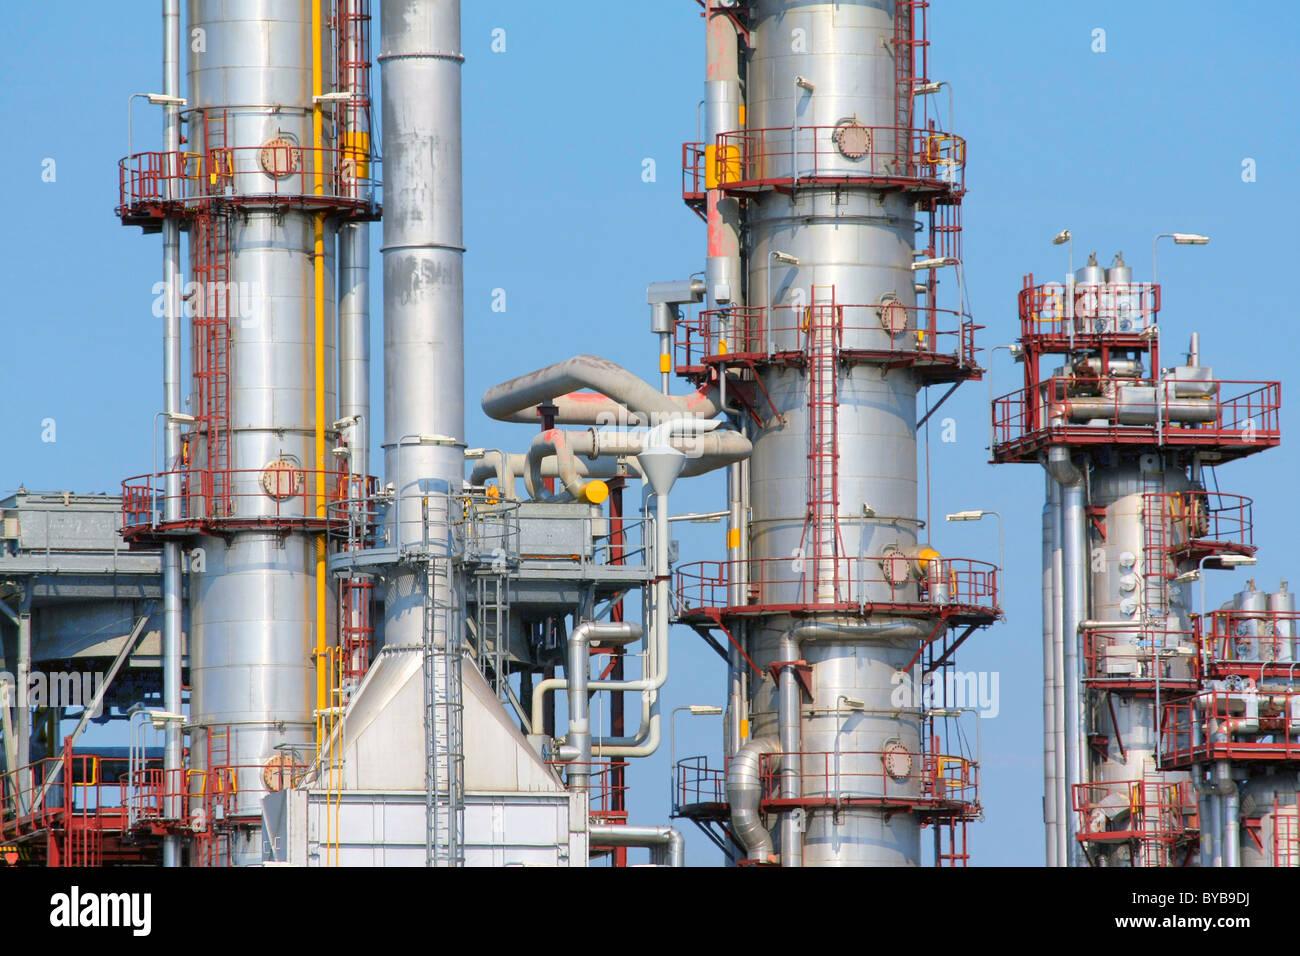 Refinery Photo Stock